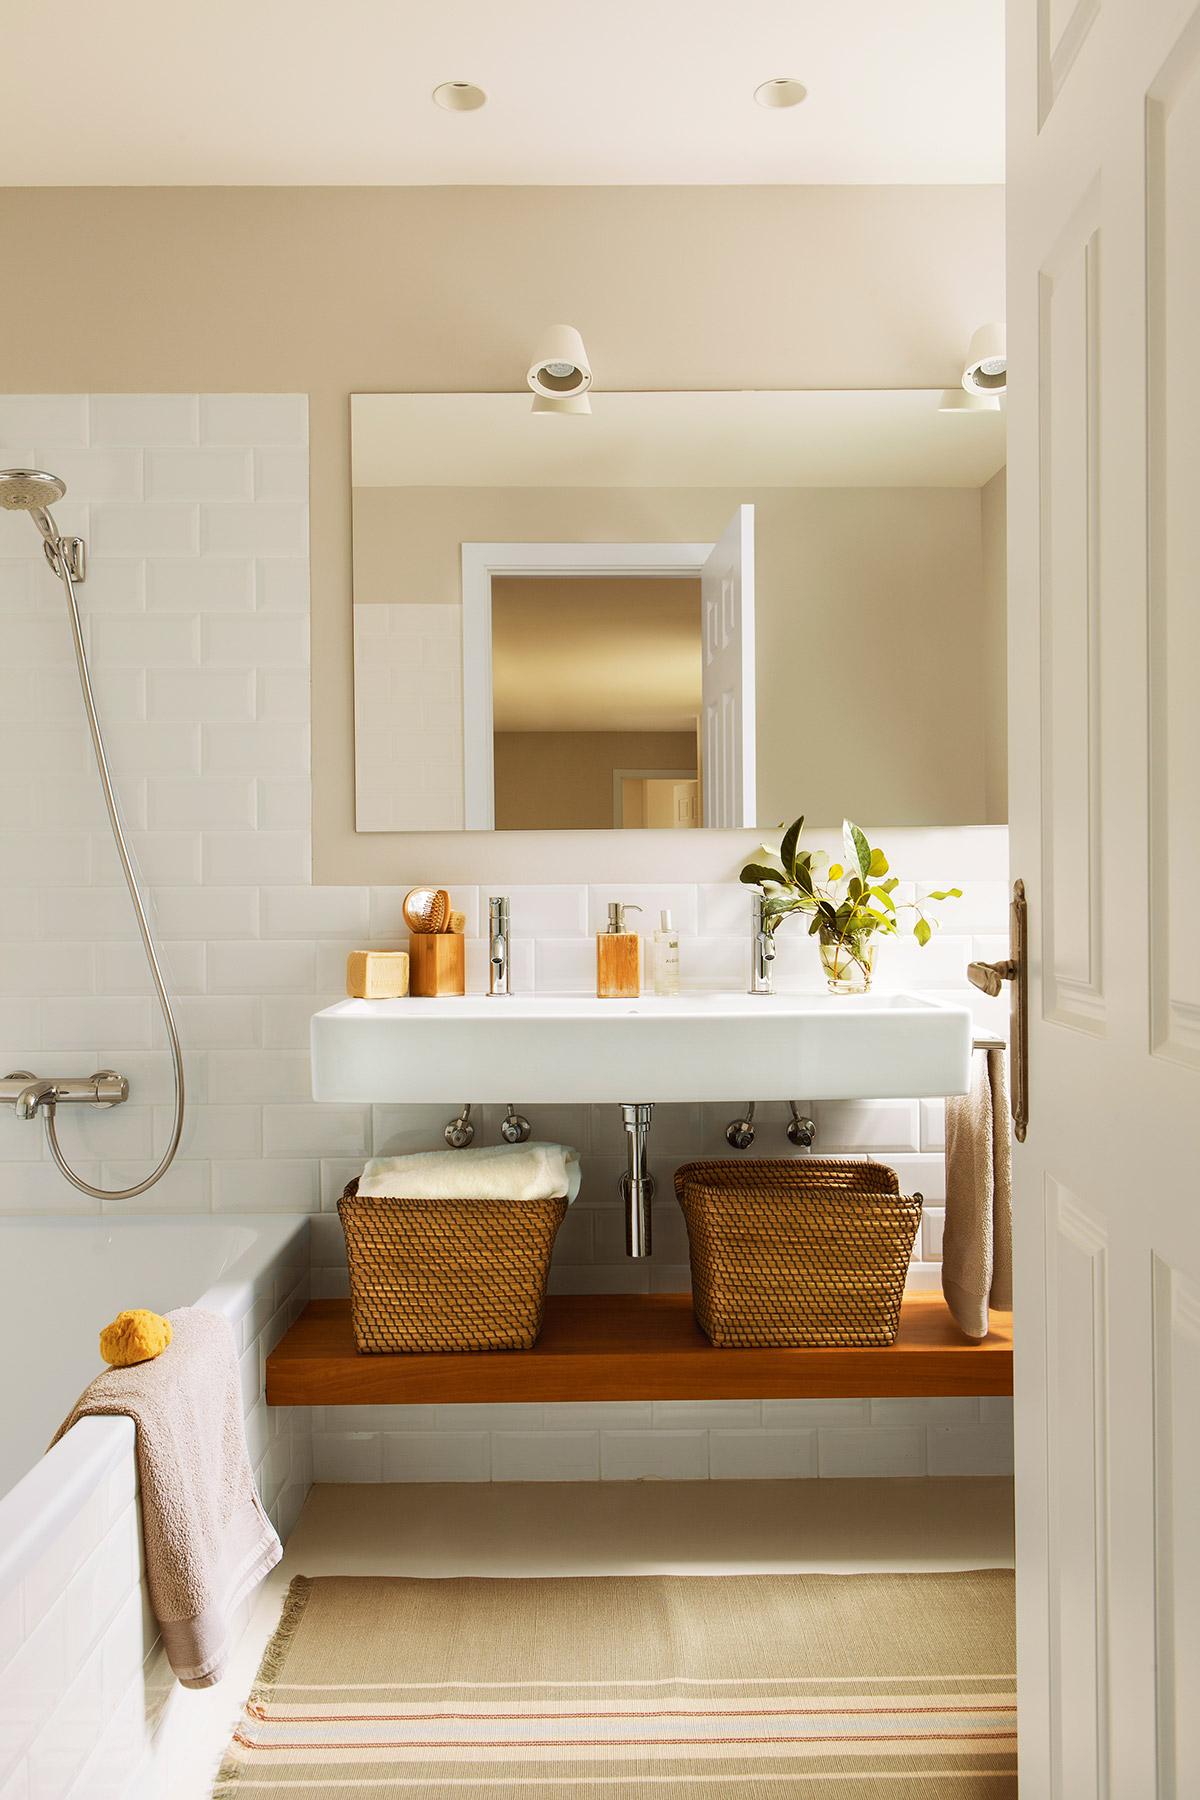 Piso peque o ideas para aprovechar al m ximo el espacio for Muebles de bano con encimera